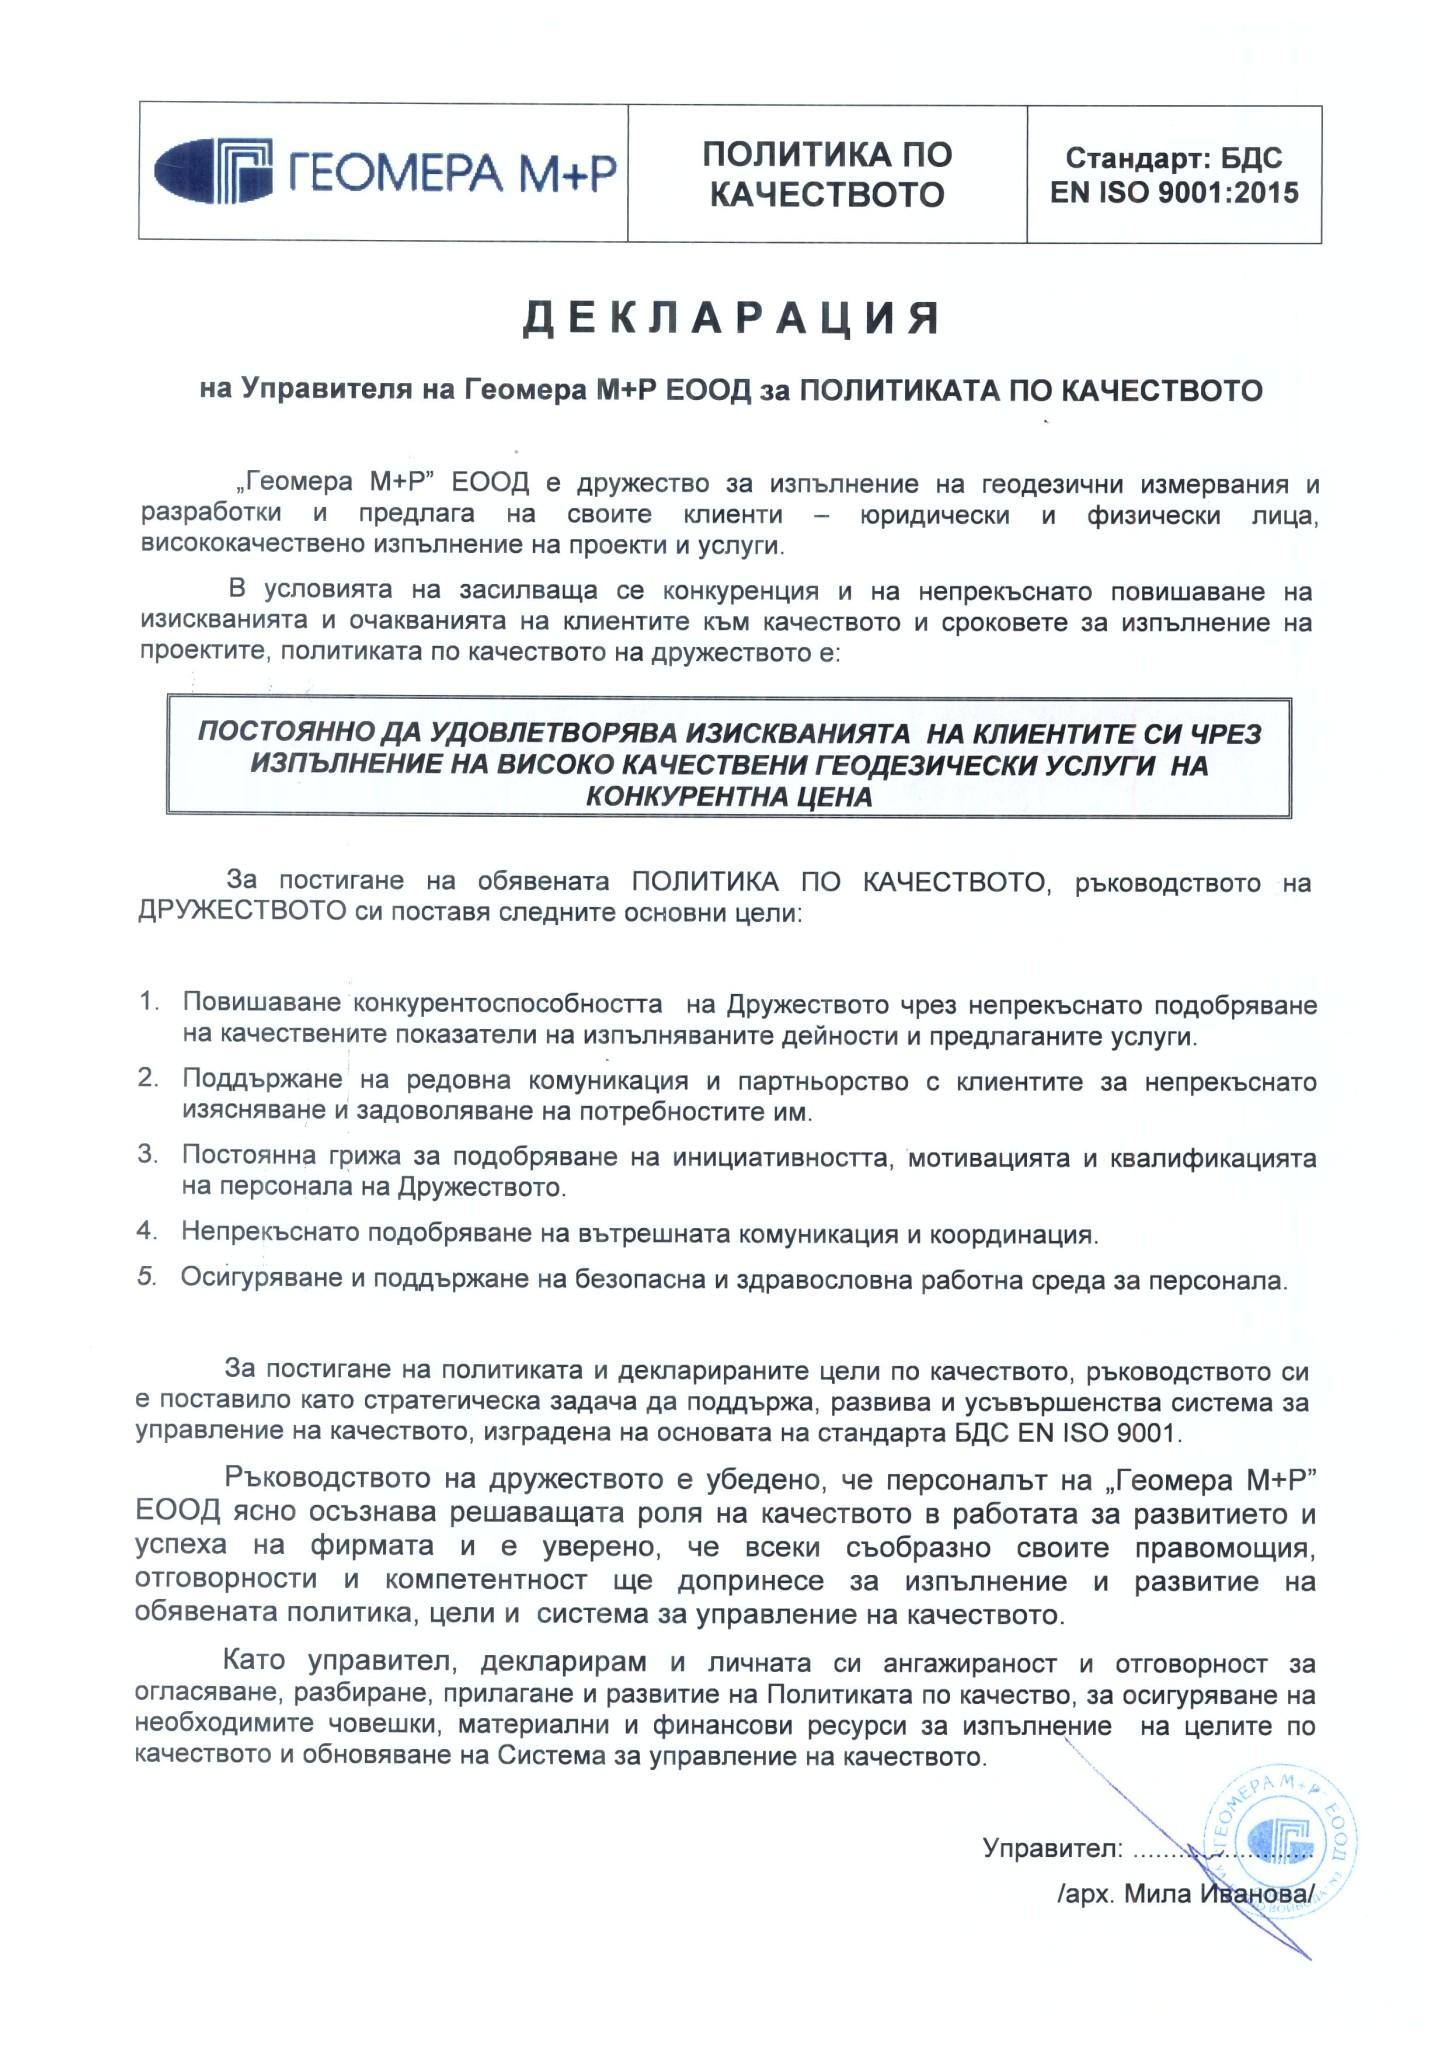 Декларация-Политика-по-качеството